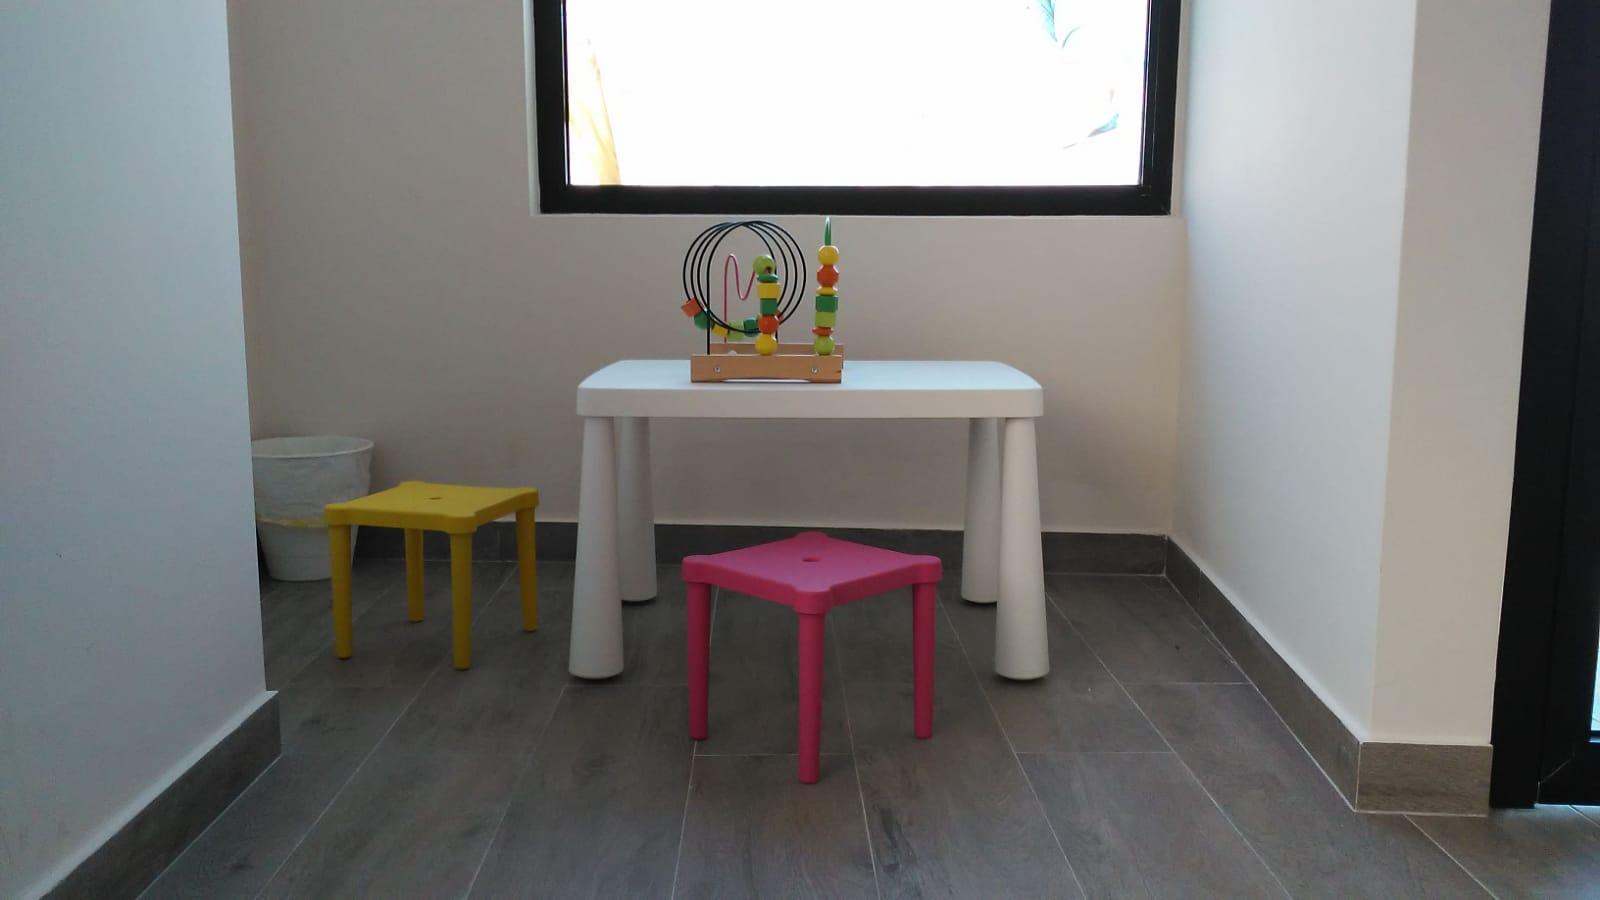 Zona de juegos Hello Mami Ecografía 5D - Alcalá de Henares. Ecografías 5D en la Zona Norte y Corredor del Henares, Avenida Víctimas del Terrorismo, Alcalá de Henares, España